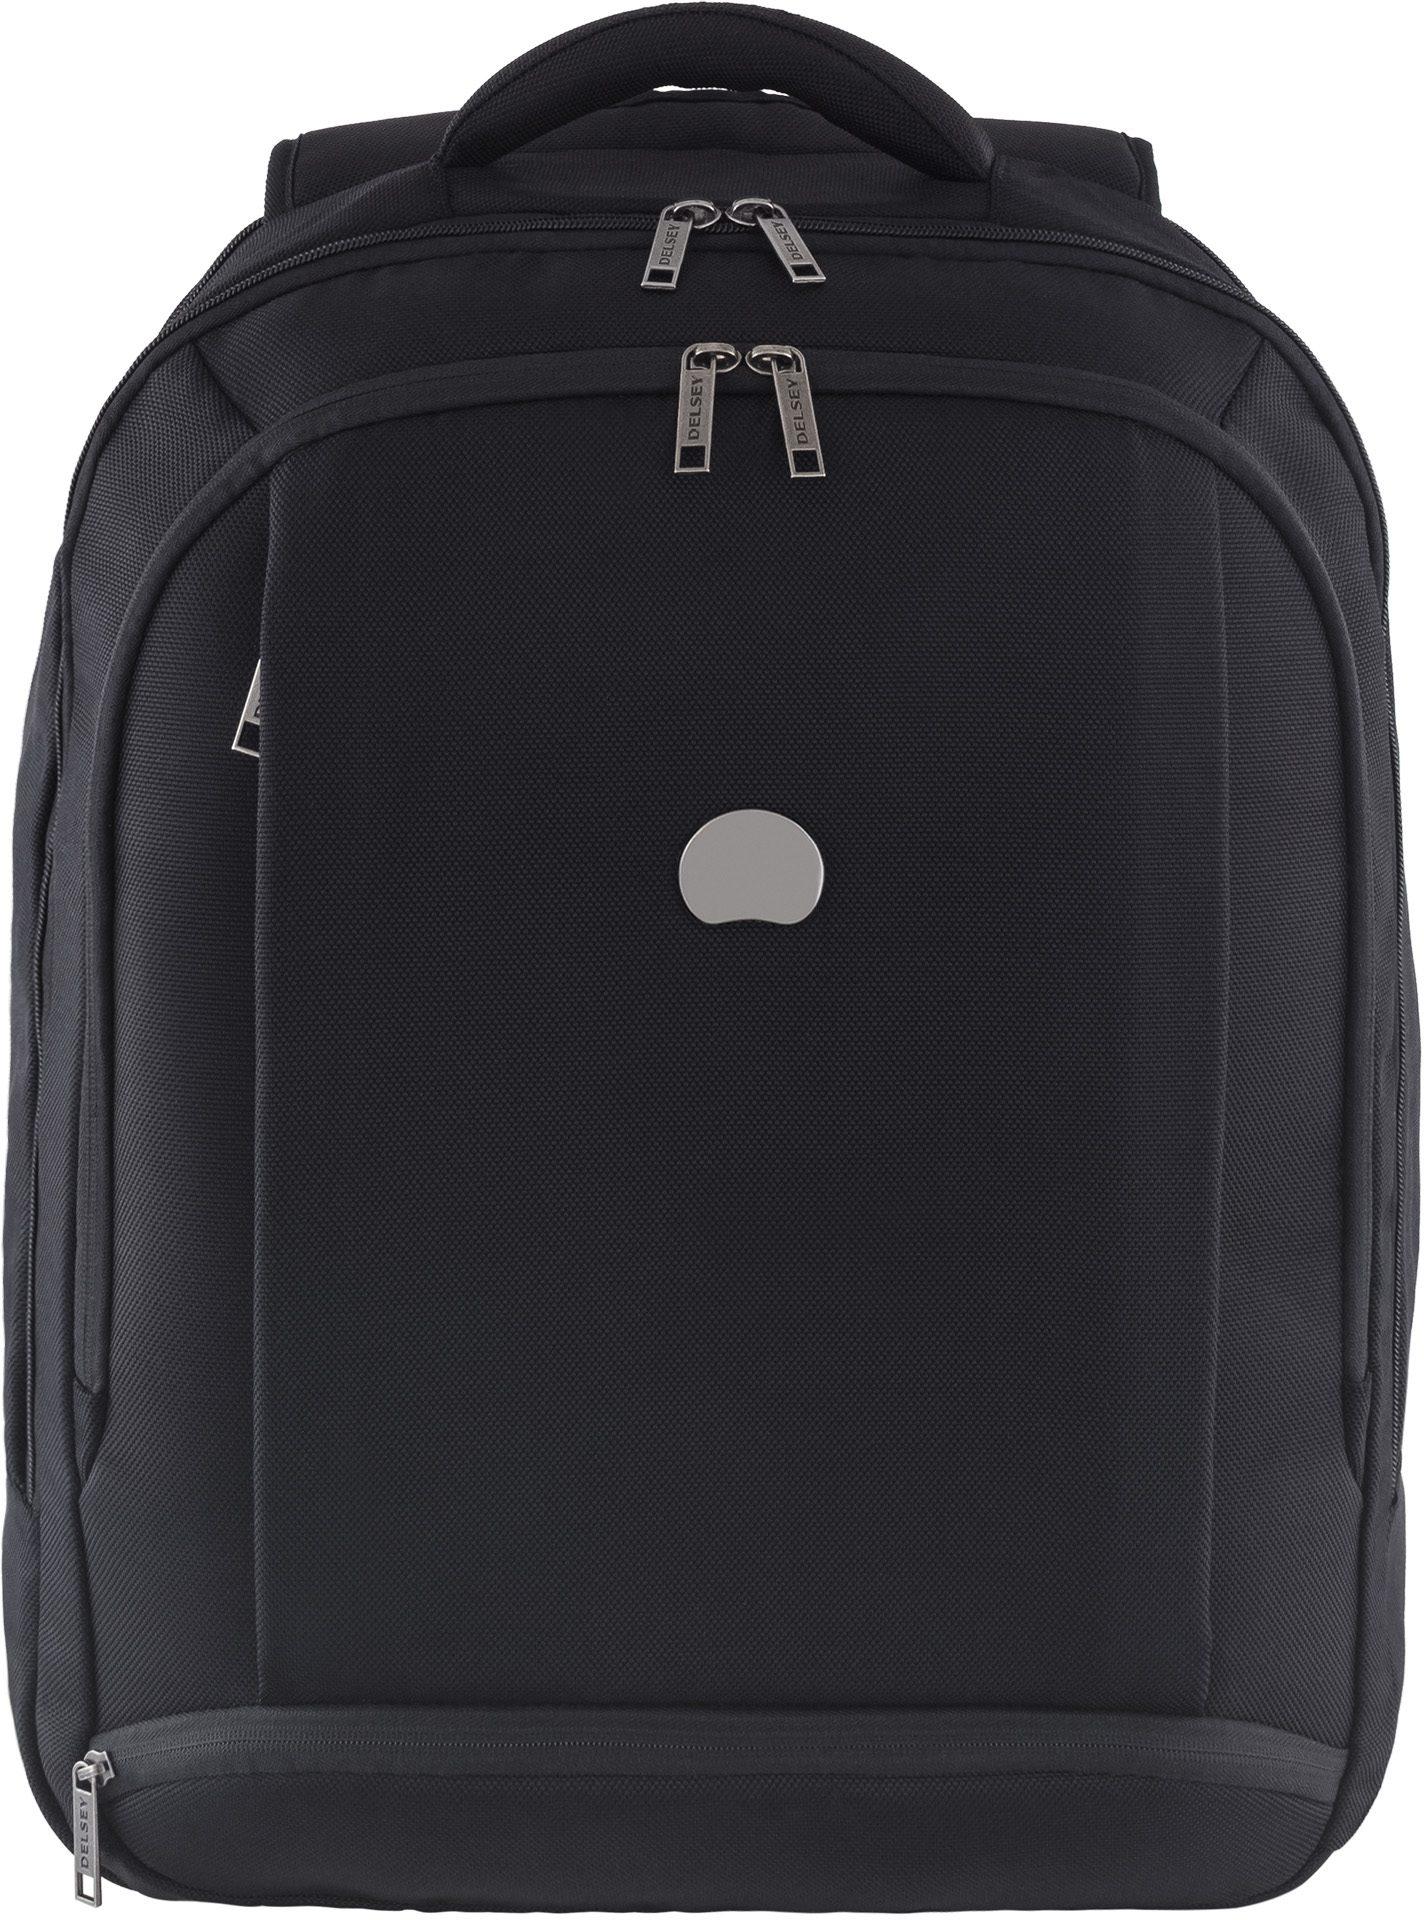 DELSEY Rucksack mit gepolstertem Laptopfach und Volumenerweiterung, »Montmartre Pro - L«